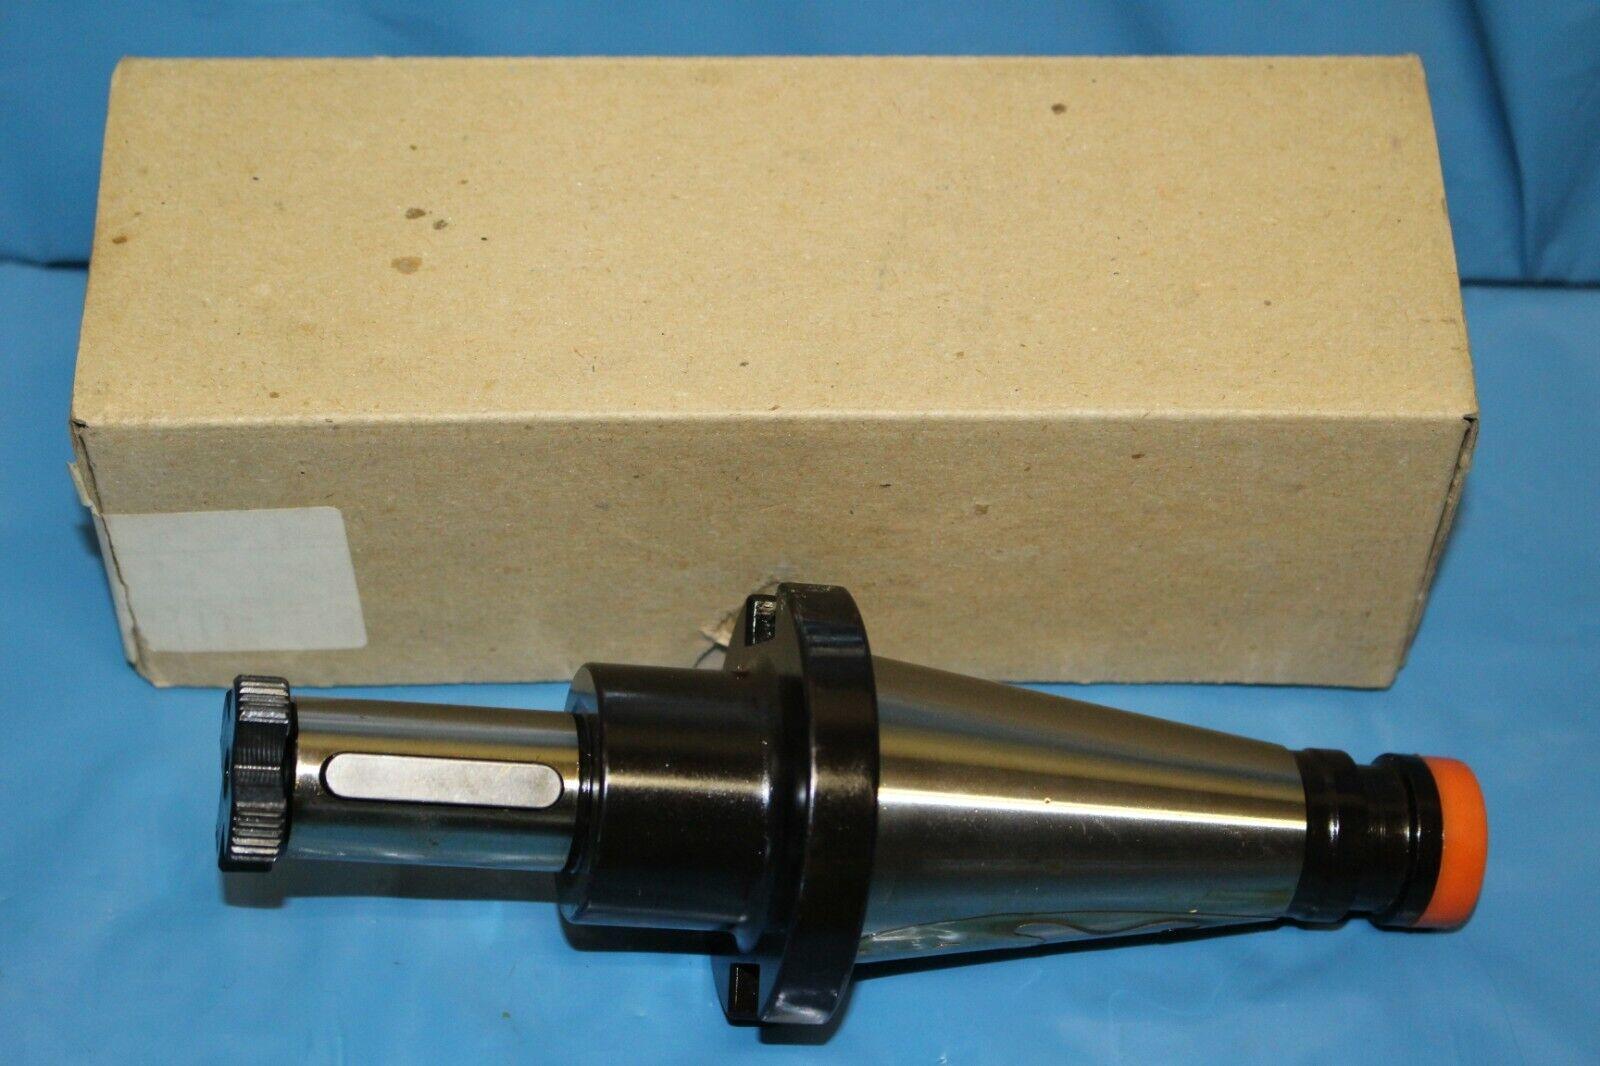 Fräsdorn SK40 DIN 2080 Fräseraufsteckdorn Aufsteckfräserdorn Aufsteckdorn Walz